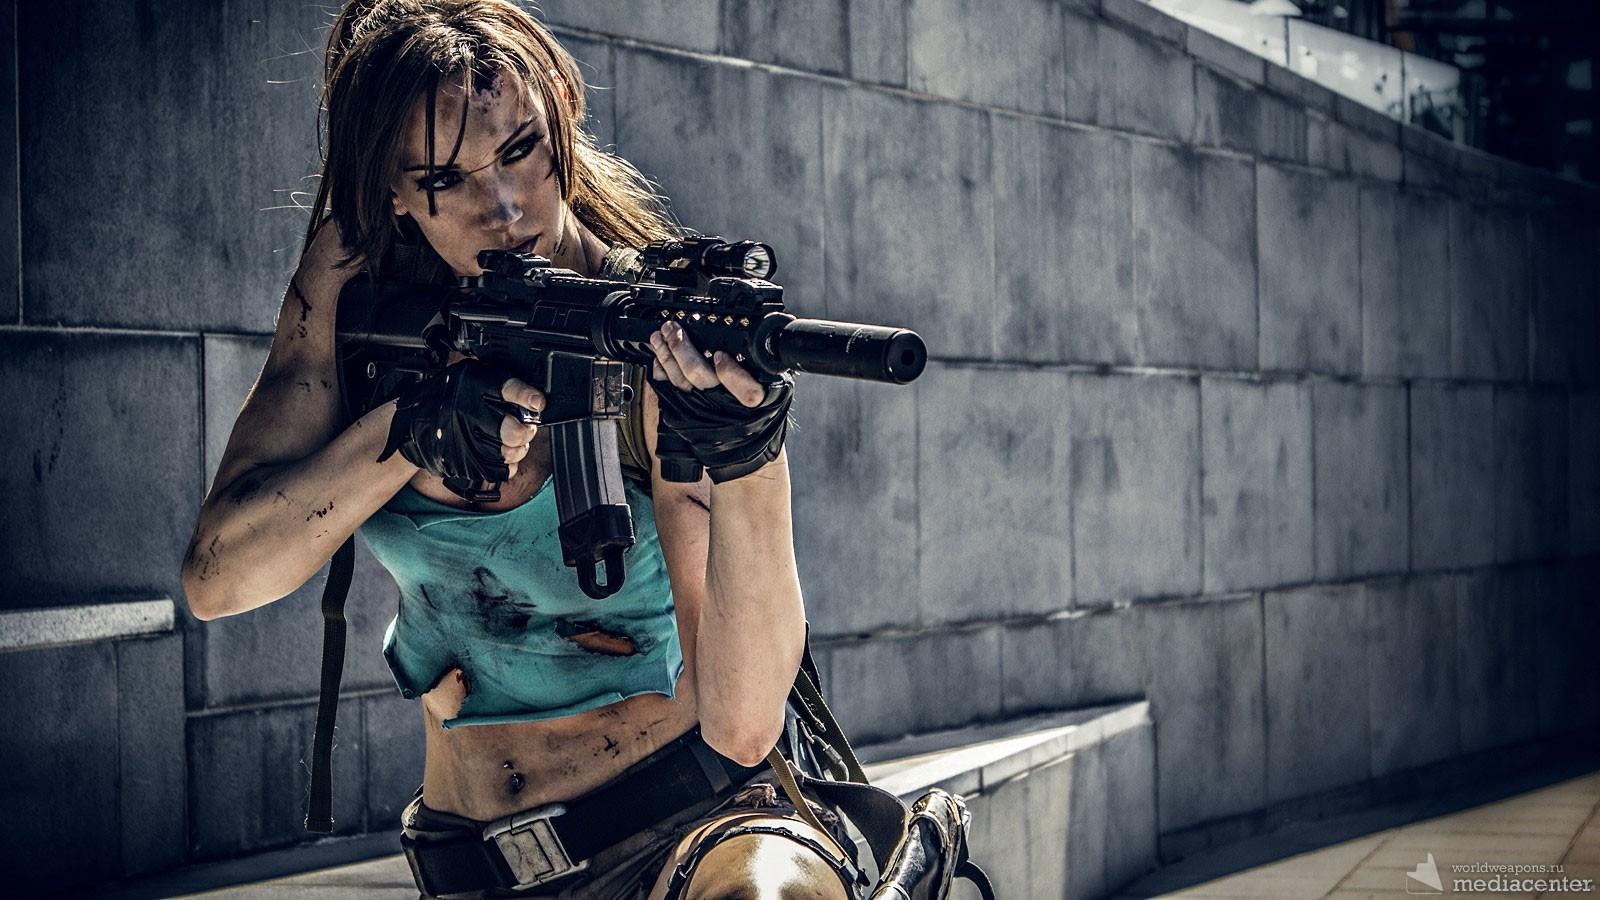 Девушка с оружием. Автомат, штурмовая винтовка. Крутое фото. Супер!